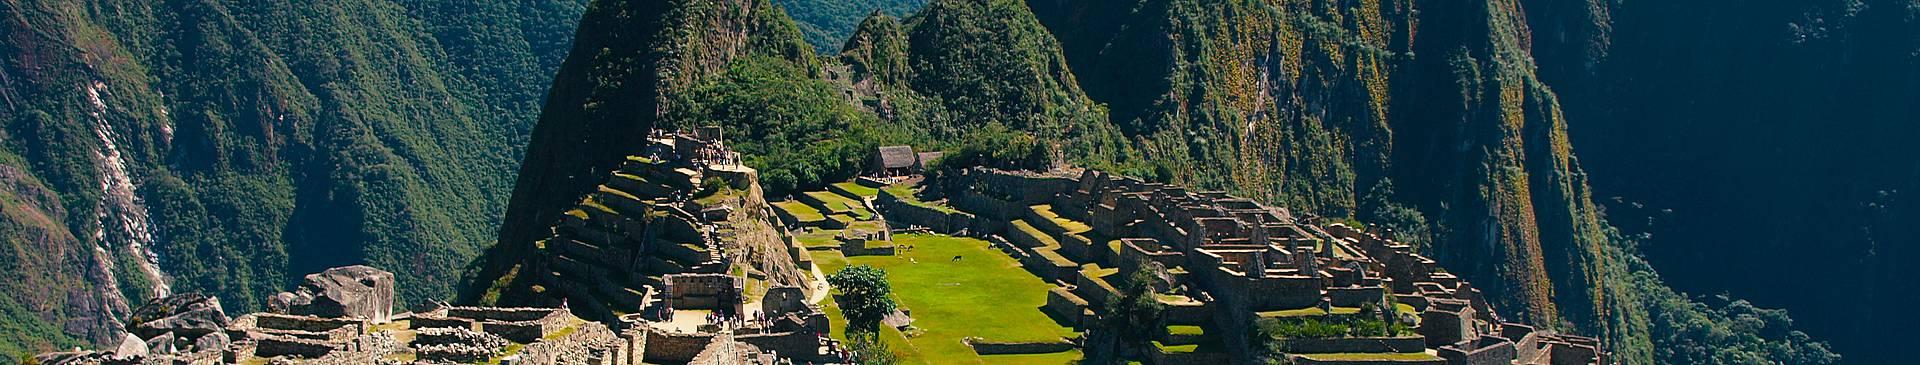 Historical sites in Peru